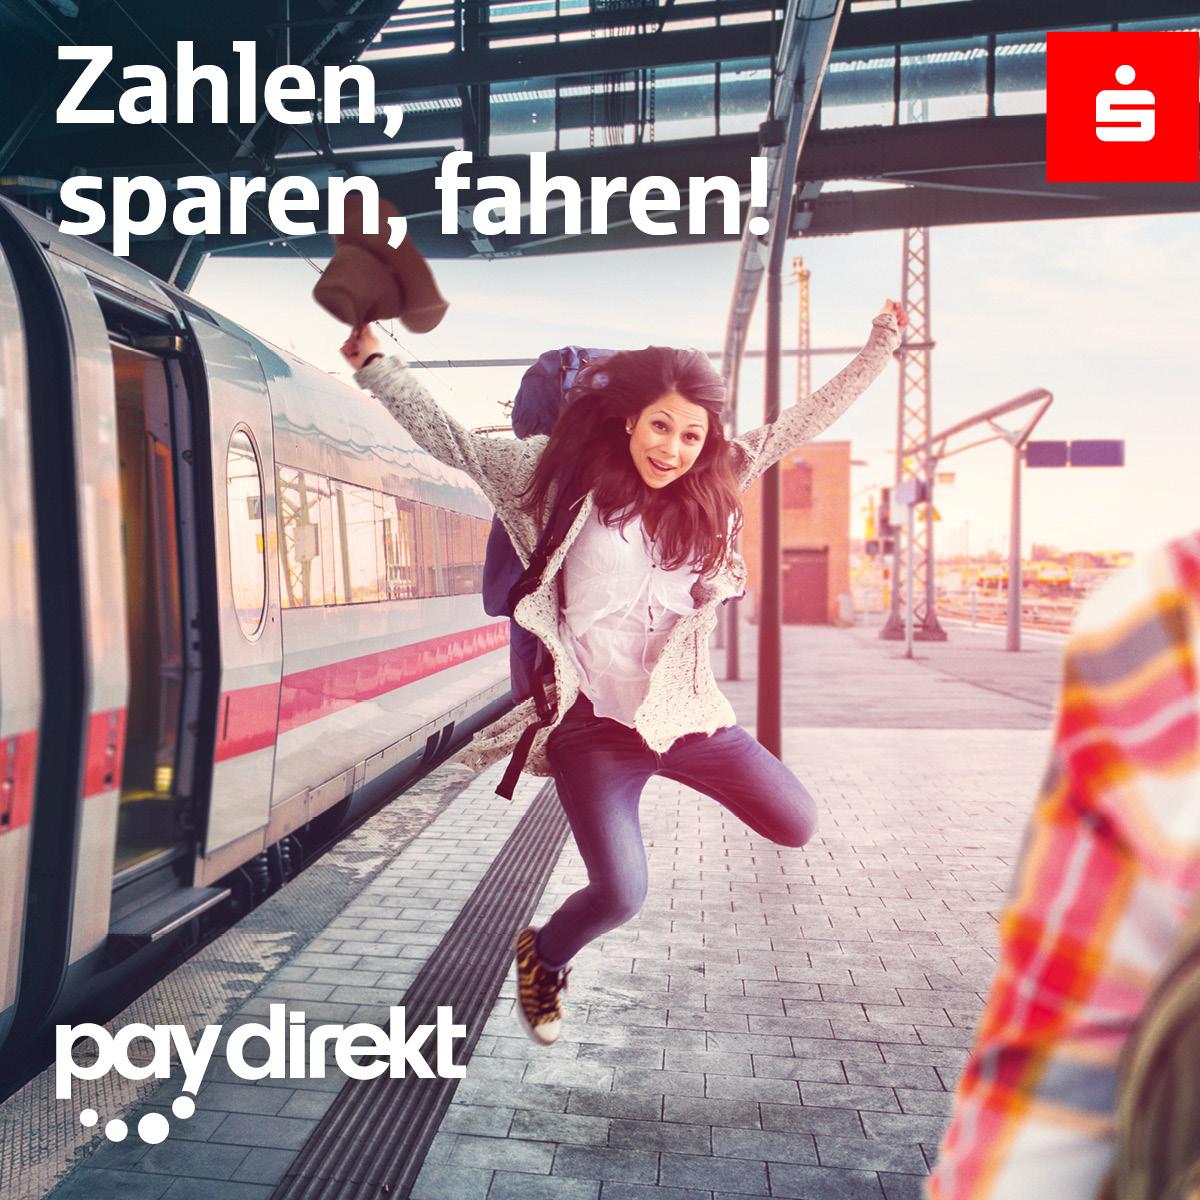 Zahlen, sparen, fahren – Mit paydirekt einen 10-Euro-Bahn-eCopoun sichern!